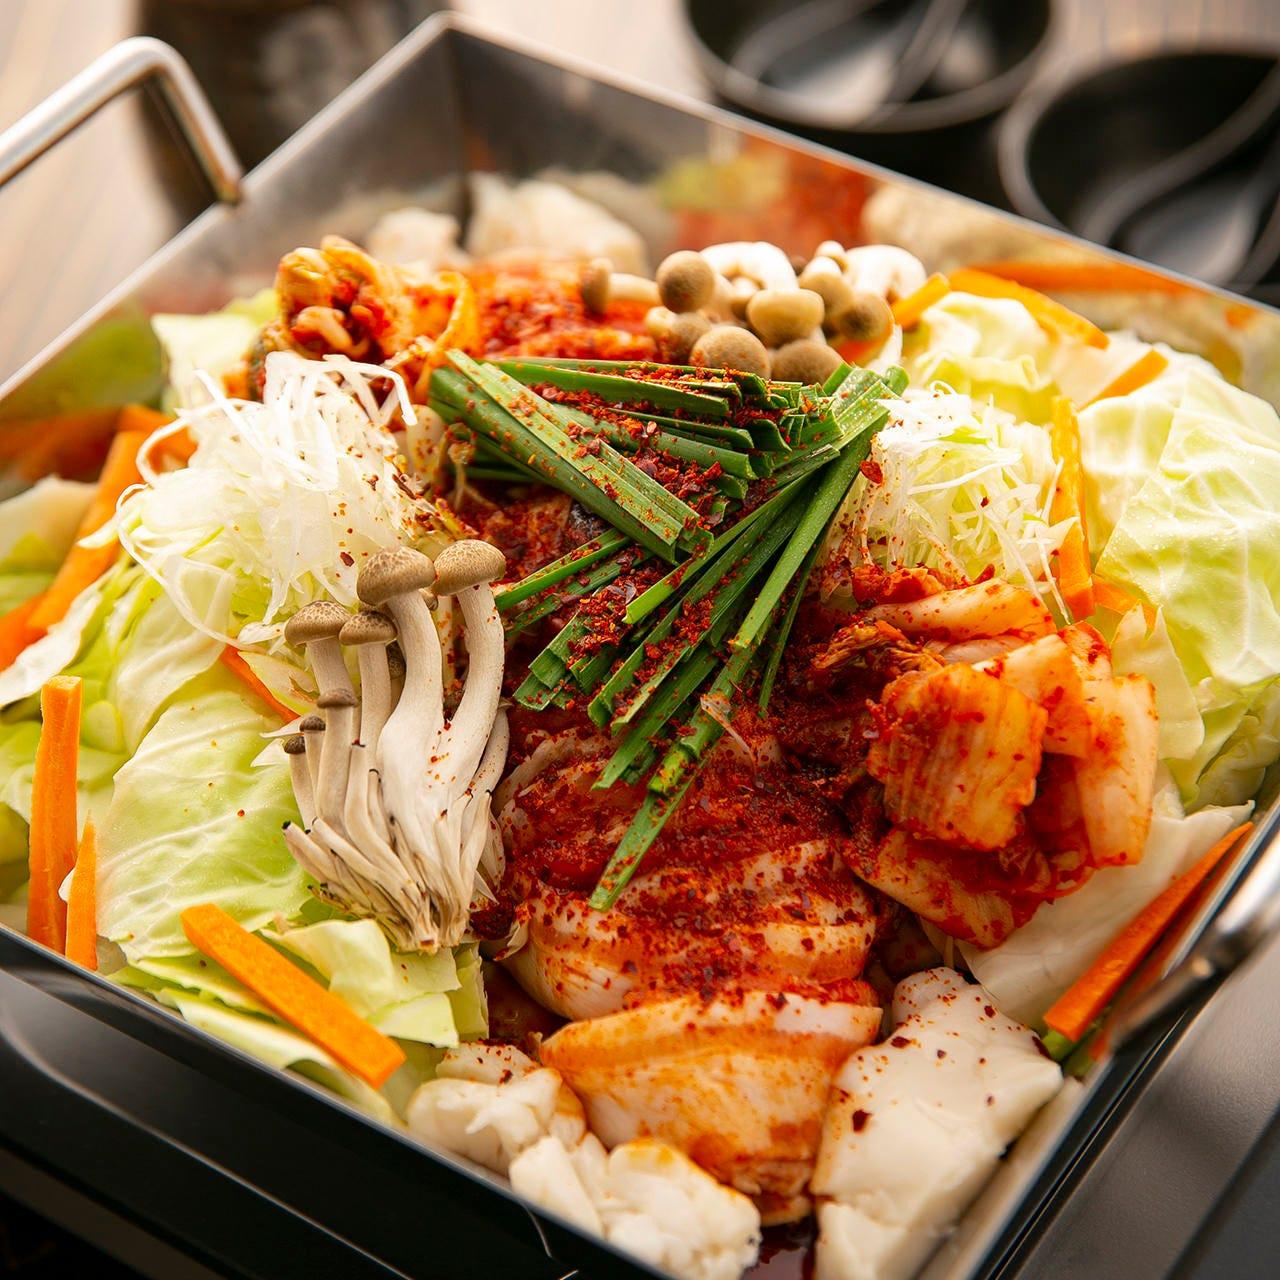 特製出汁がお肉と野菜の旨みを引き出した心も体も温まる一品